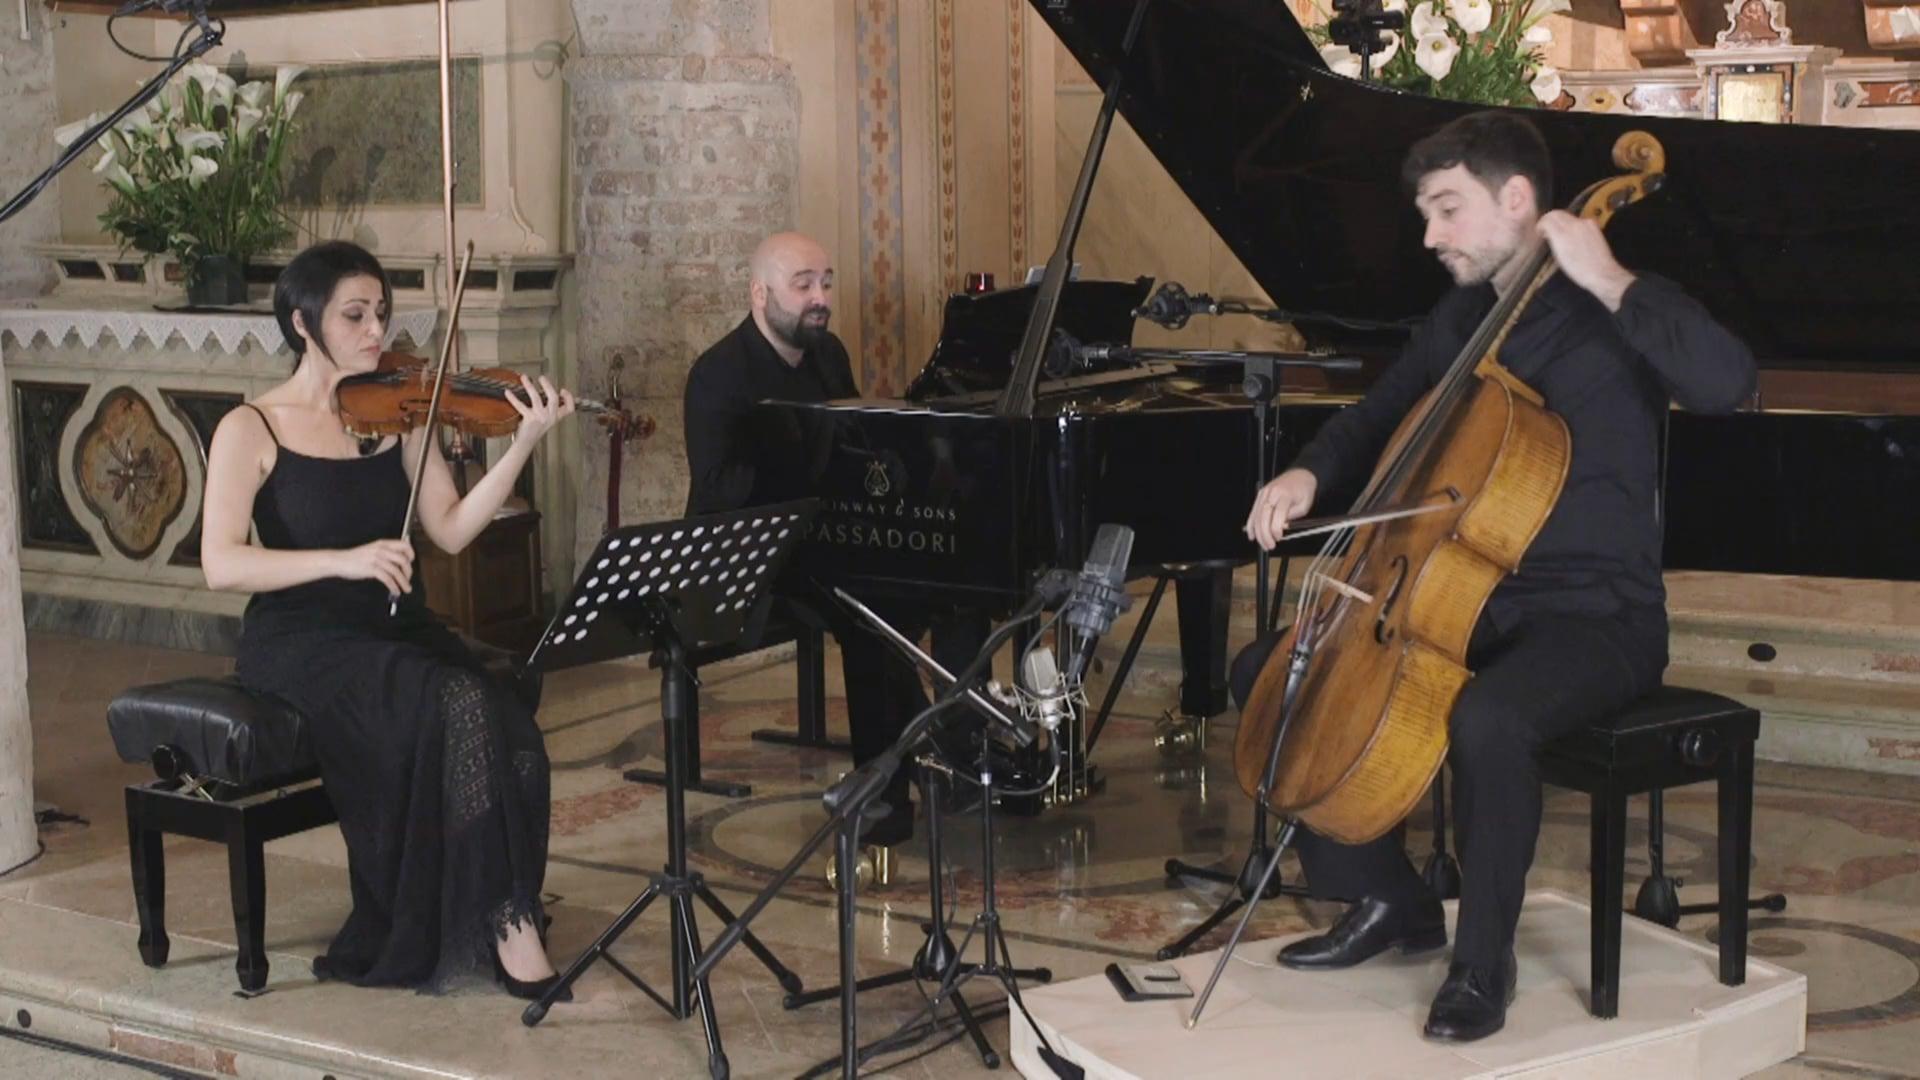 Tchaikovsky Piano Trio in A minor, Op. 50 - Alessandro Deljavan, piano; Daniela Cammarano, violin; Amedeo Cicchese, cello